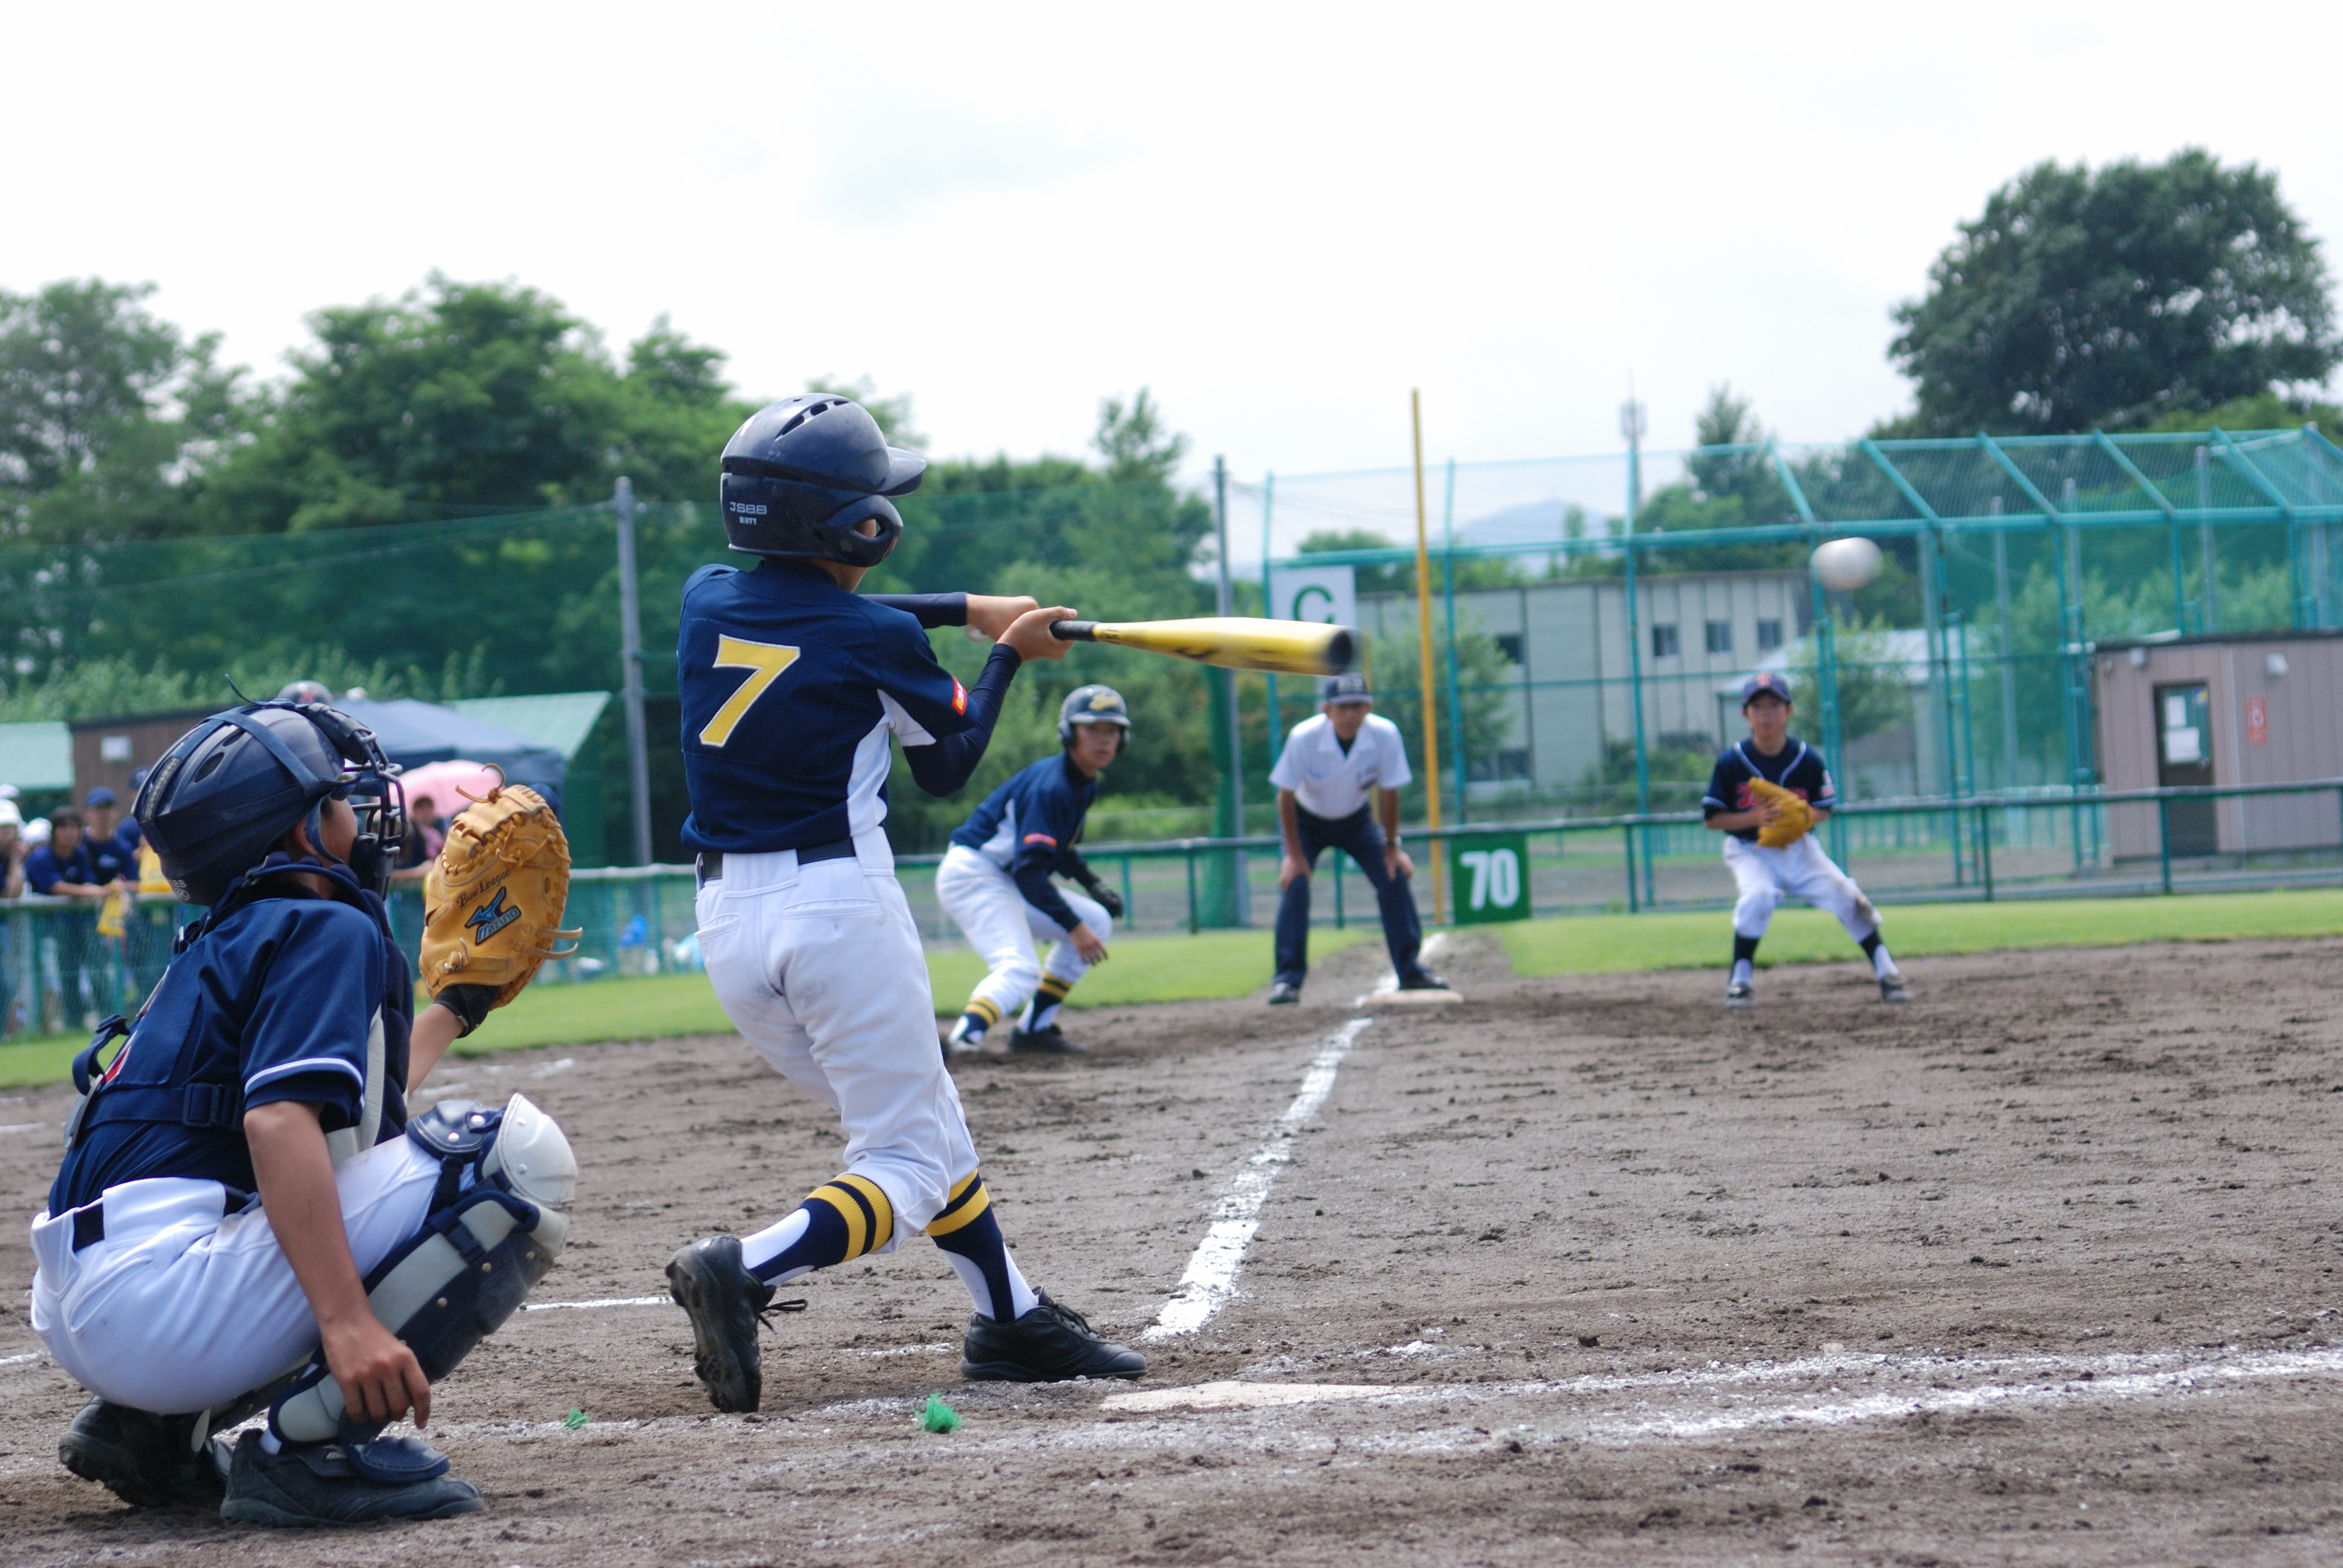 少年野球向けバットのおすすめ9選!J号球対応も【2019年版】